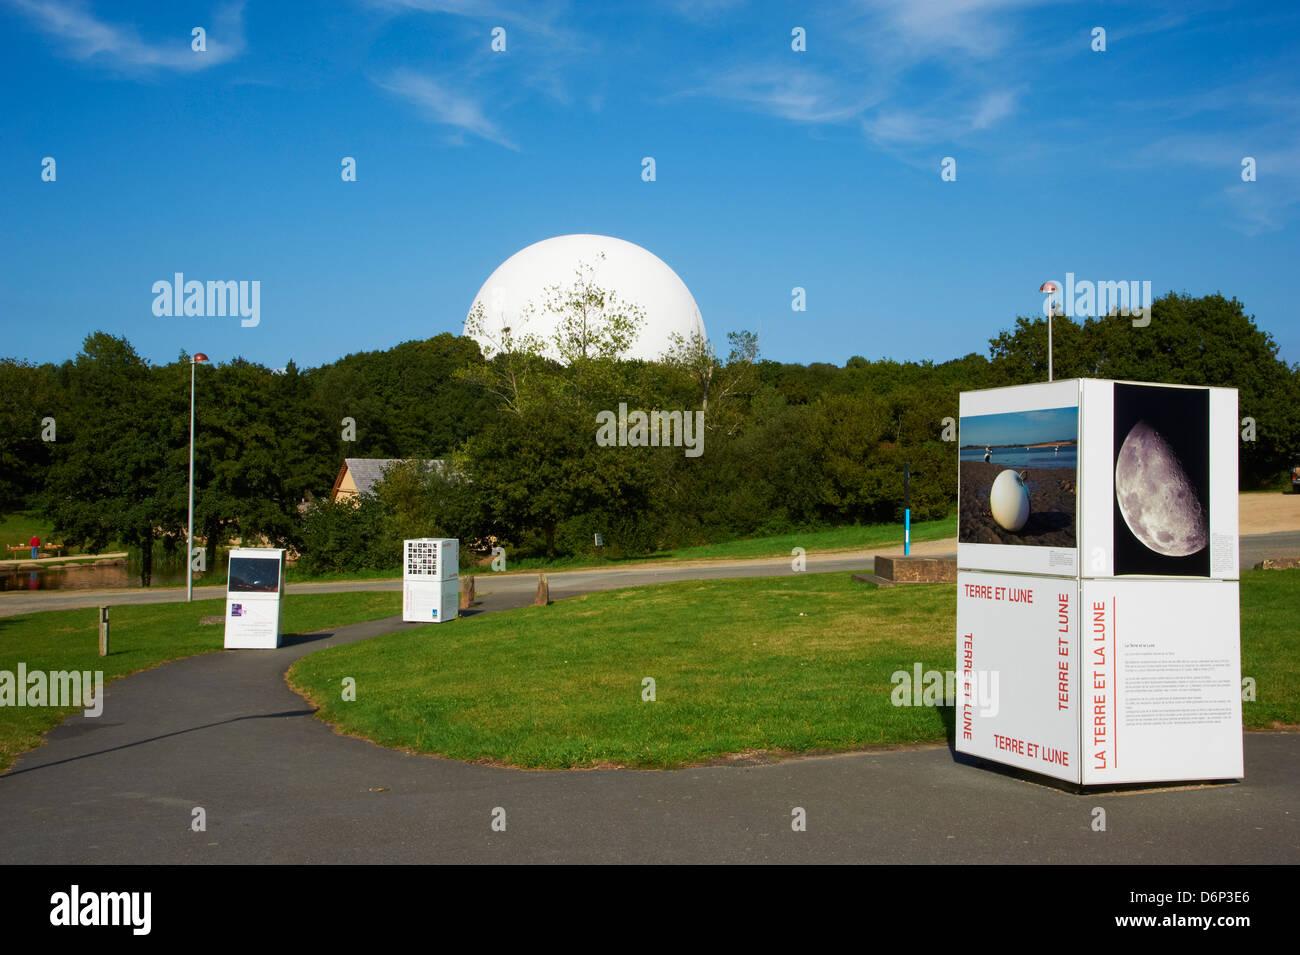 Parc of Radome, Planetarium of Brittany, Cite des Telecoms, Pleumeur Bodou, Cotes d'Armor, Brittany, France, - Stock Image